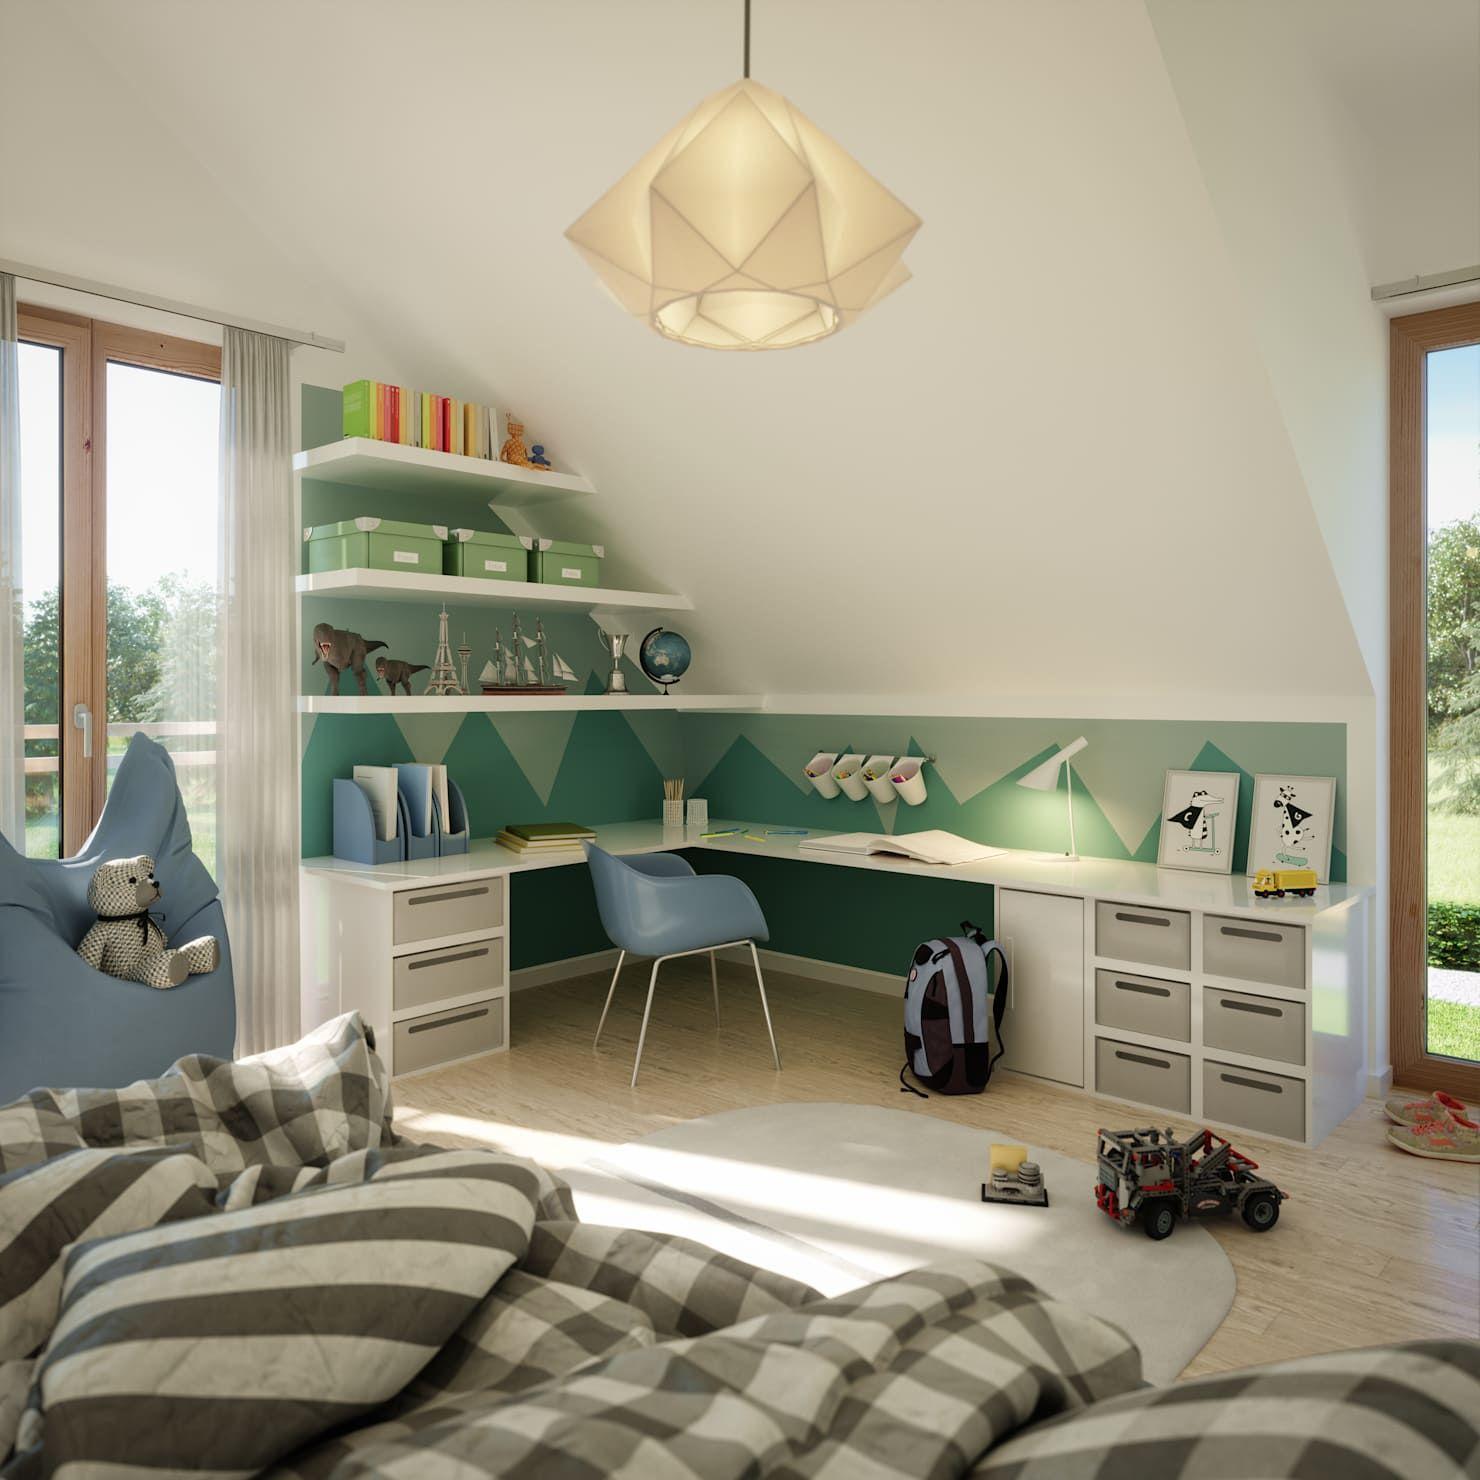 7 Ideen für mehr Stauraum im Kinderzimmer   homify   Kinder zimmer, Zimmer, Jugendzimmer